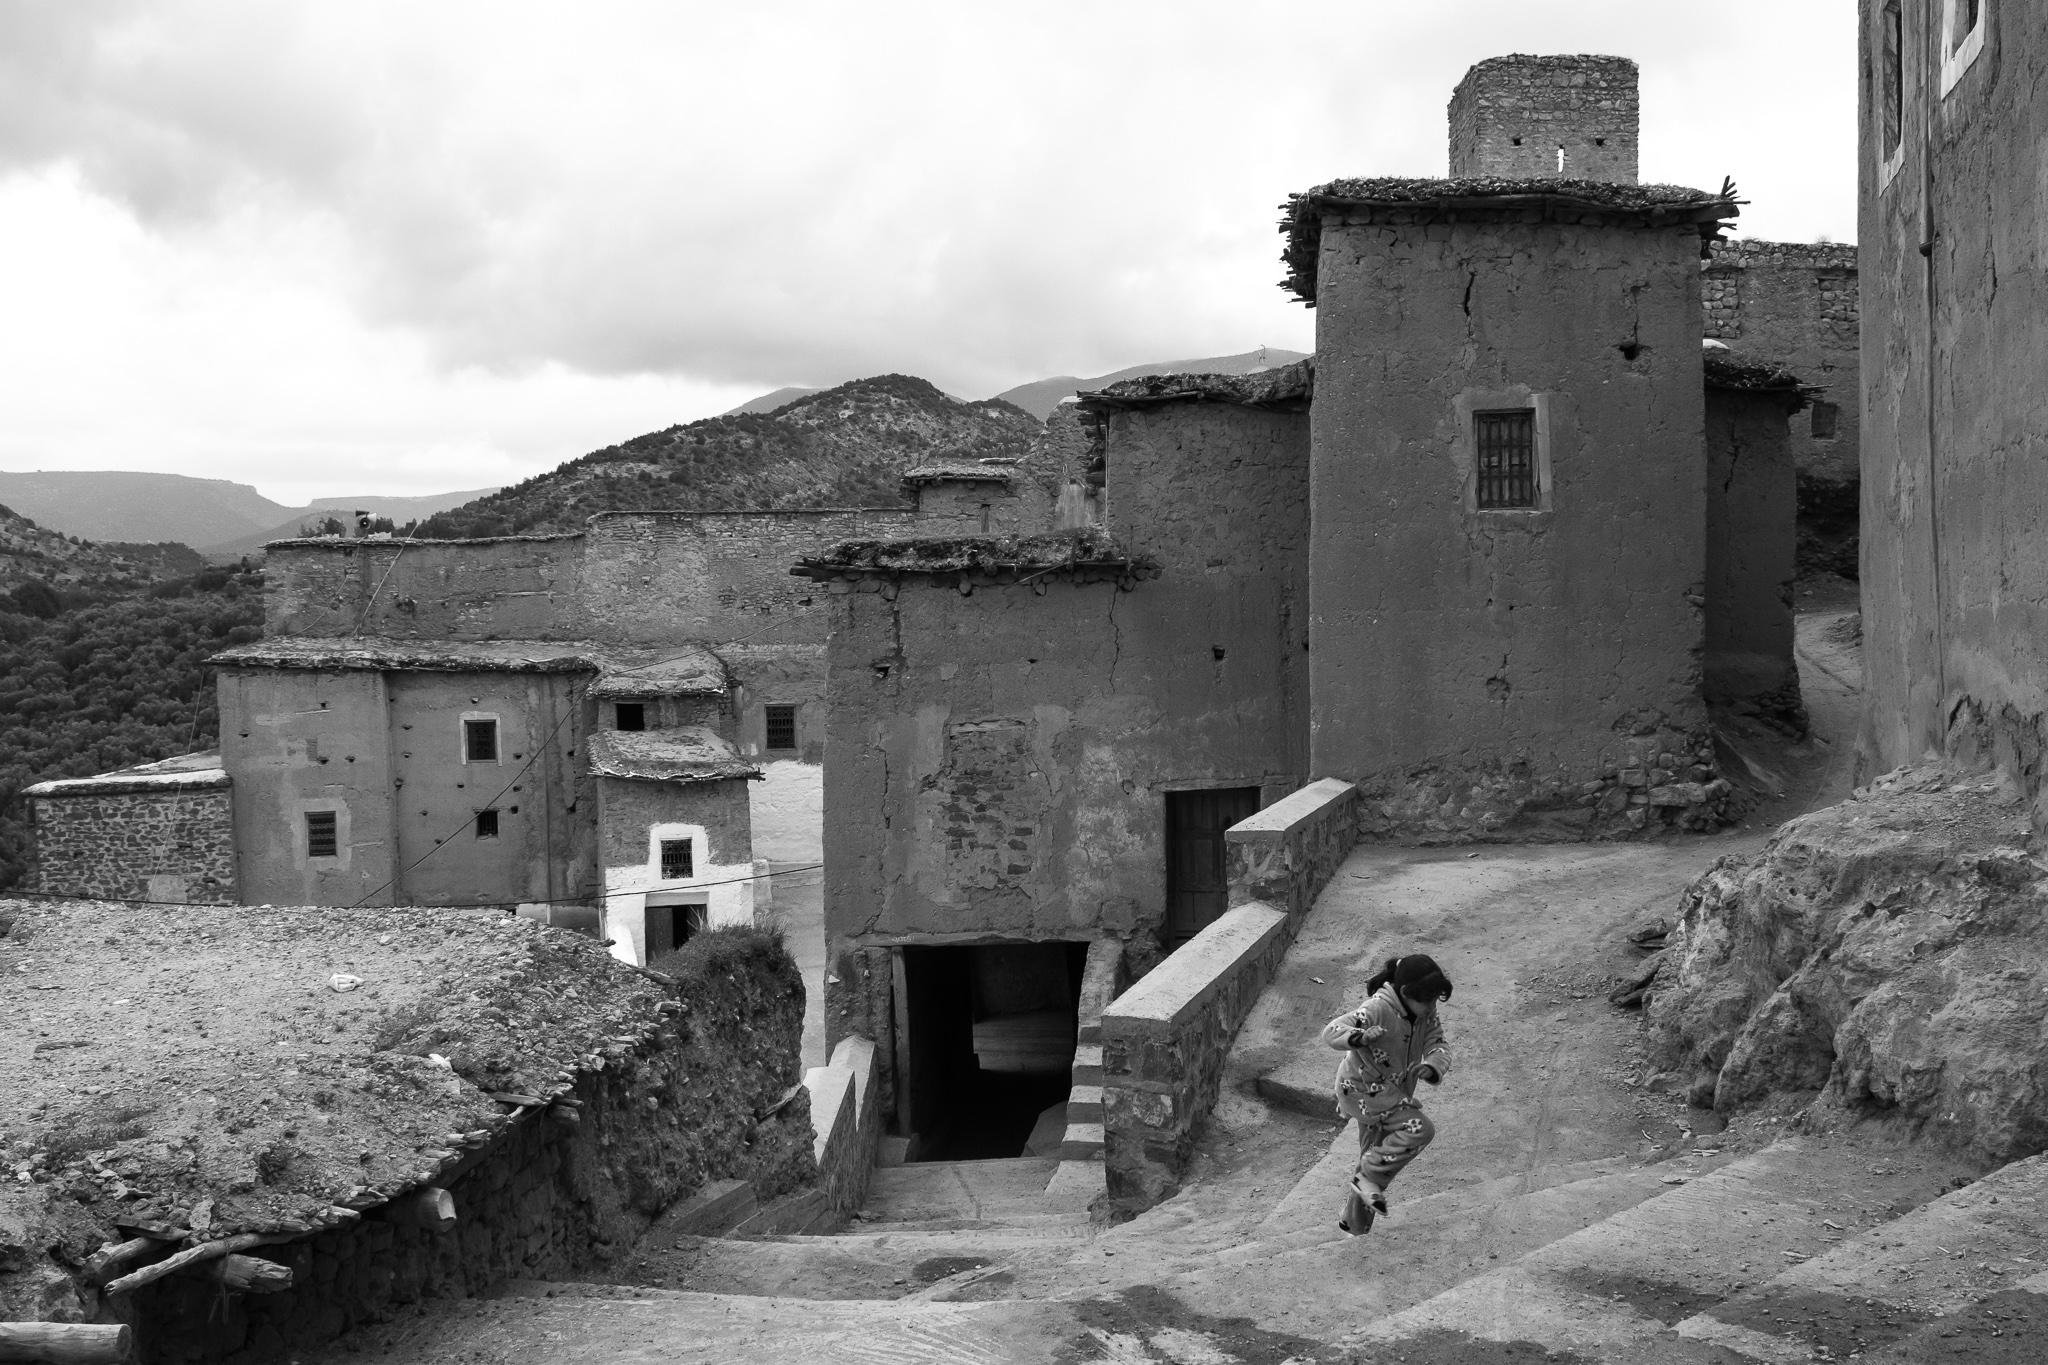 O pobo de Tanaghmeilt, Azilal, mostra as construcións típicas dos poboados Amazigh, feitos a base de palla e adobe.